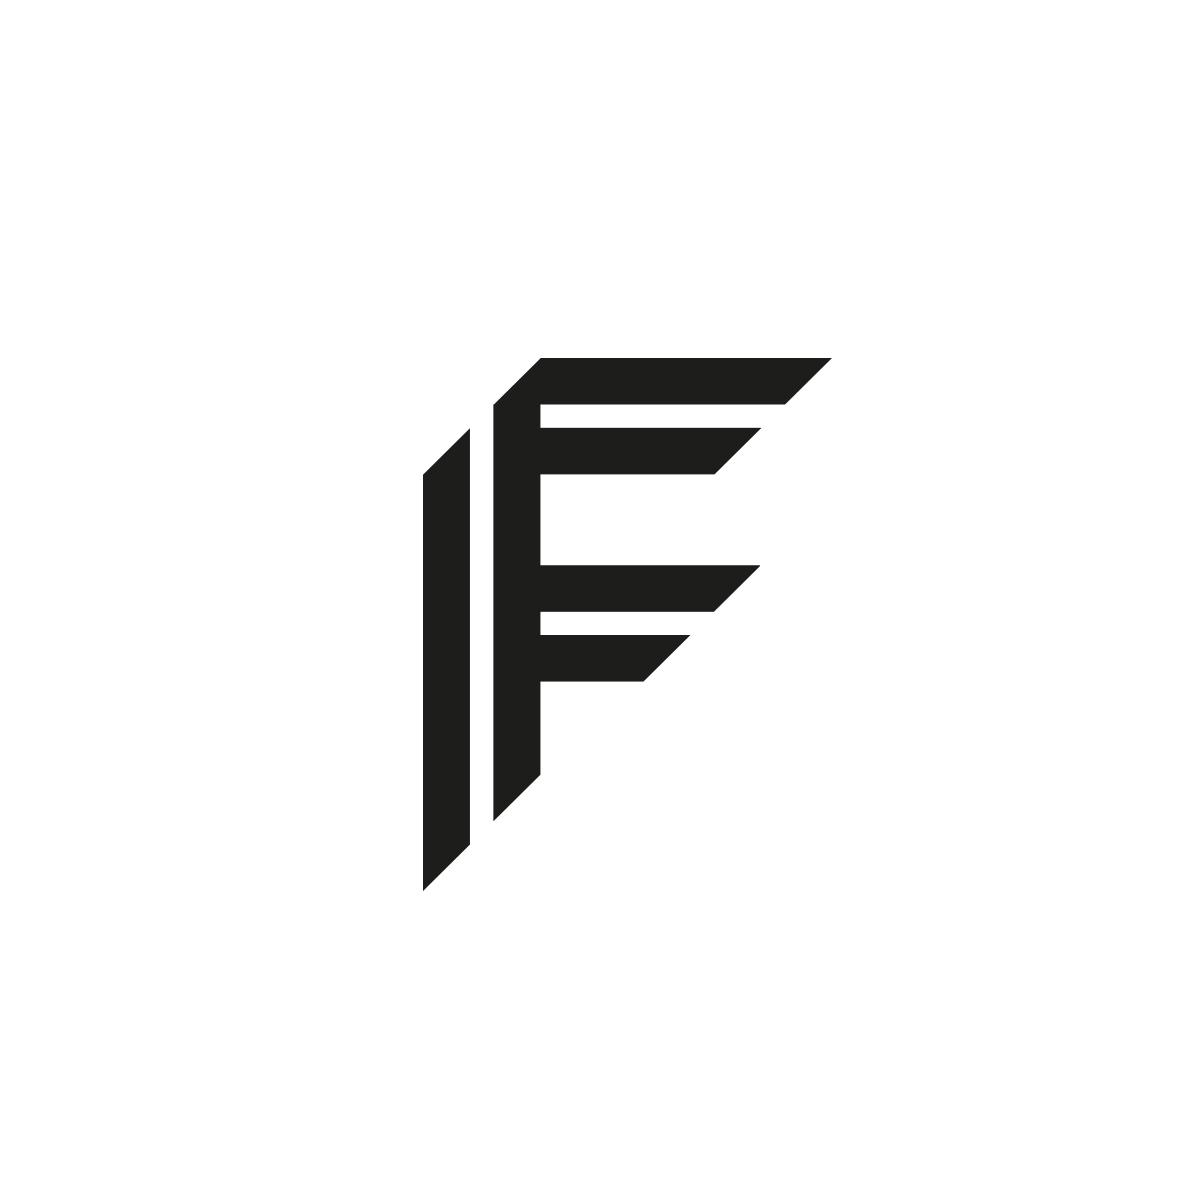 Various-Logos_F